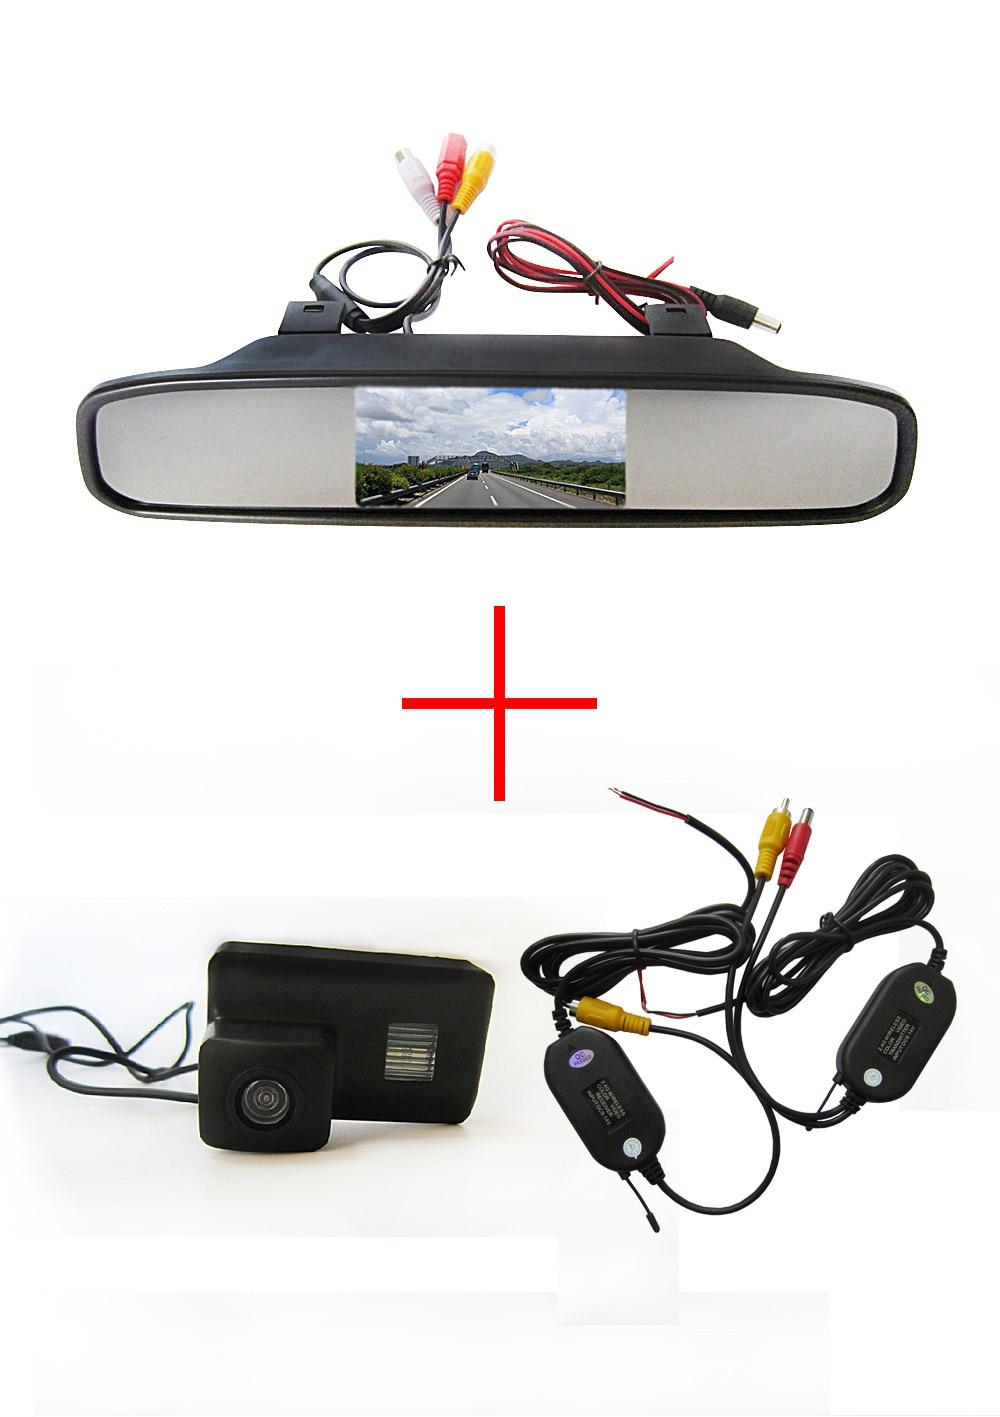 Caméra de recul sans fil pour Peugeot 206 207 306 307 308 406 407 5008 partenaire Tepee, avec moniteur de rétroviseur de 4.3 pouces